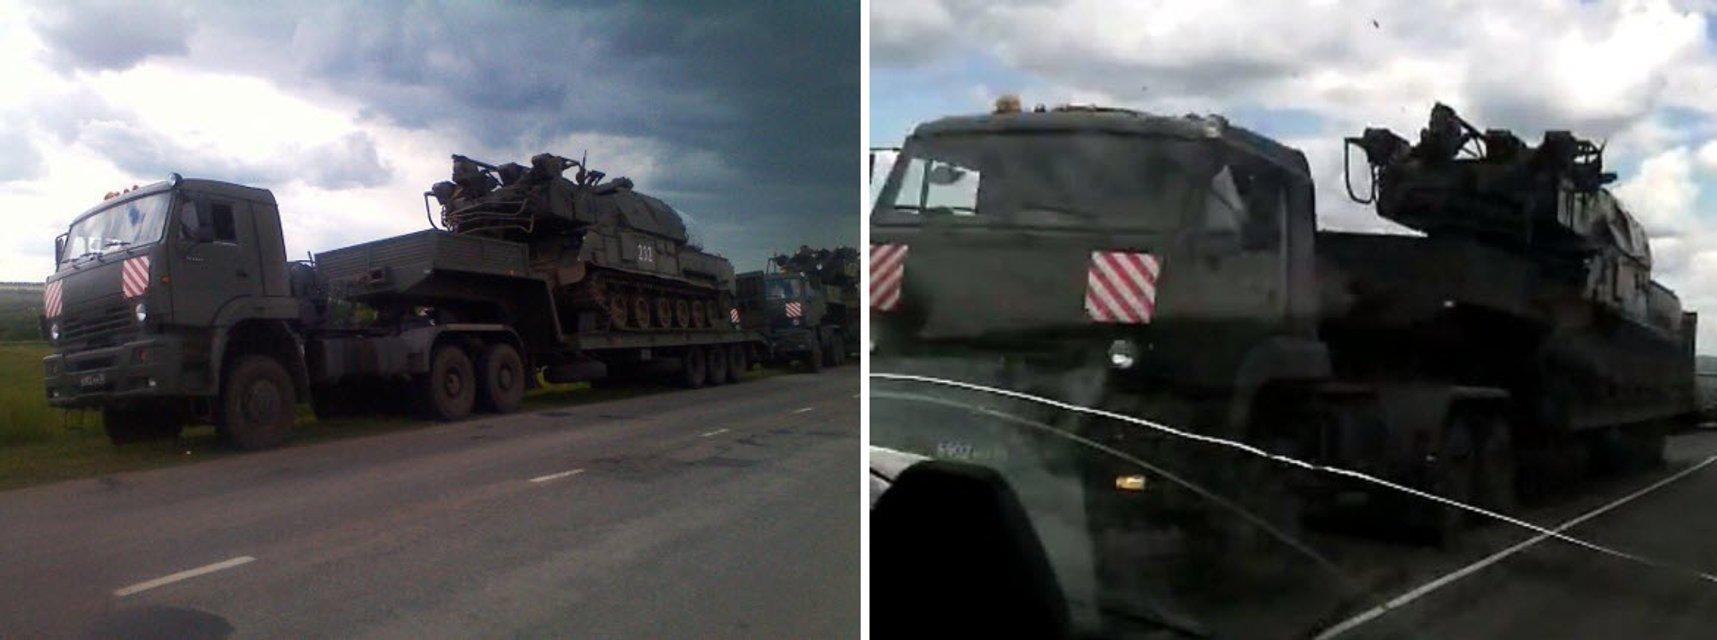 Свидетель по делу MH17: мы вели 'Бук' целый день - фото 58323